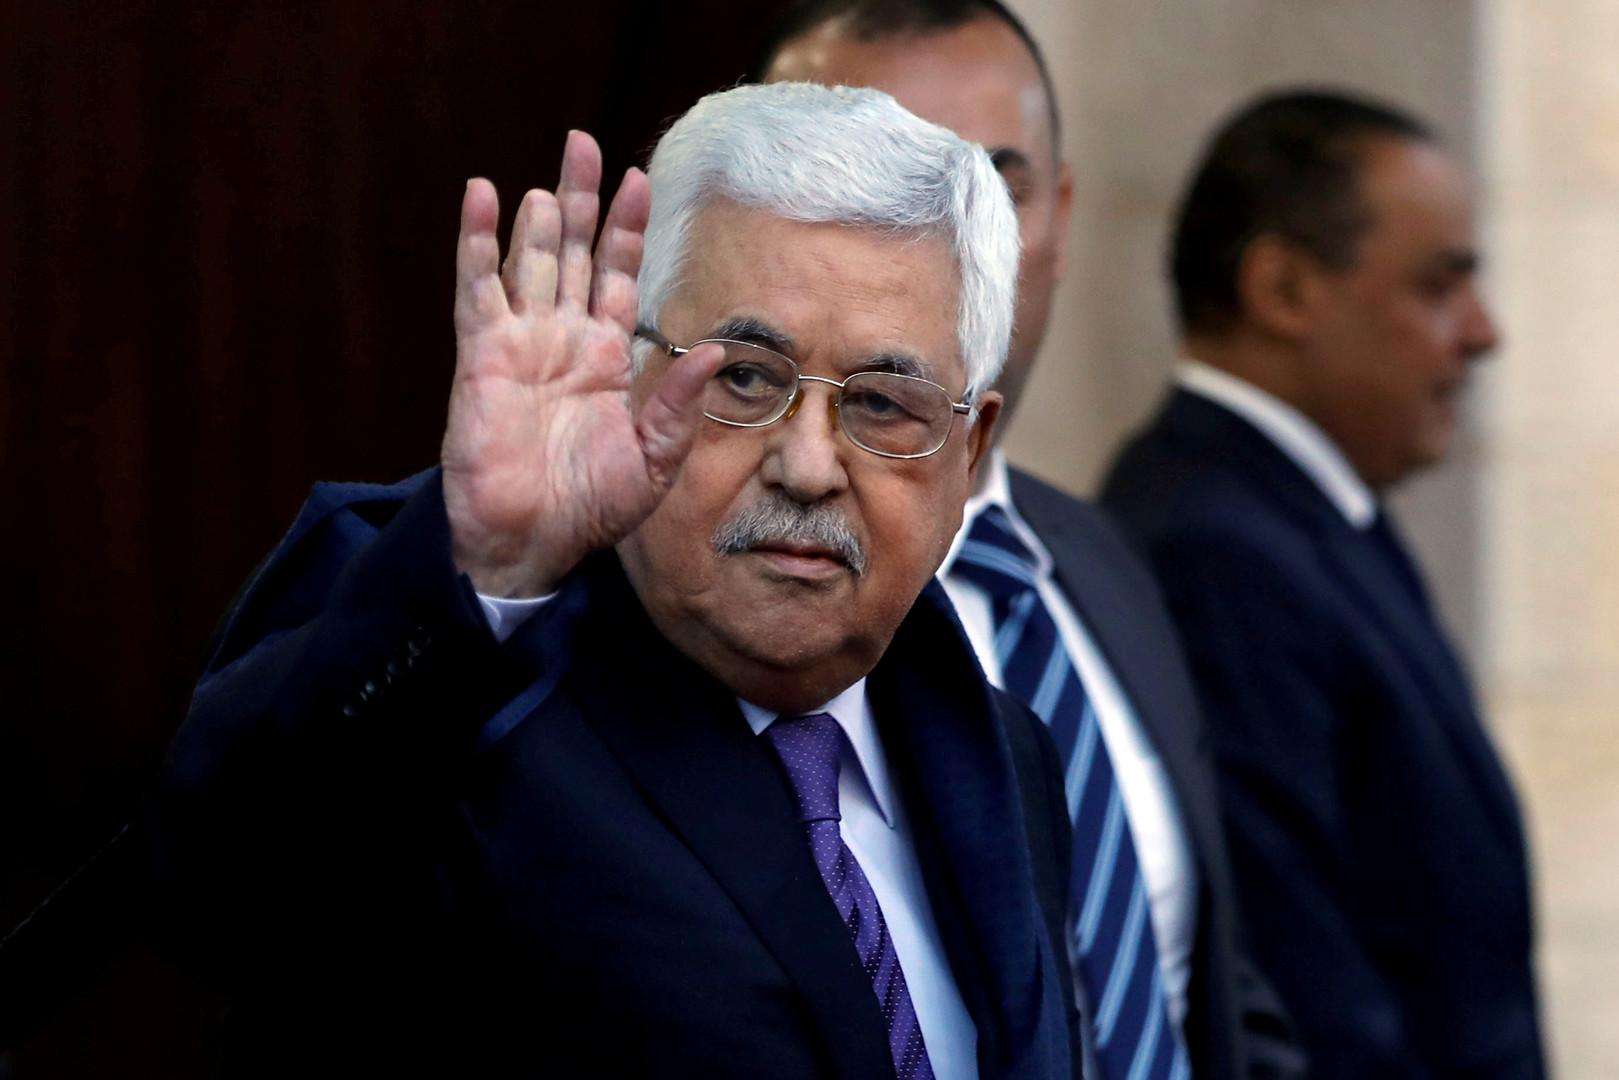 عباس يلتقي السيسي قبيل اجتماع عربي طارئ لمناقشة التطورات حول